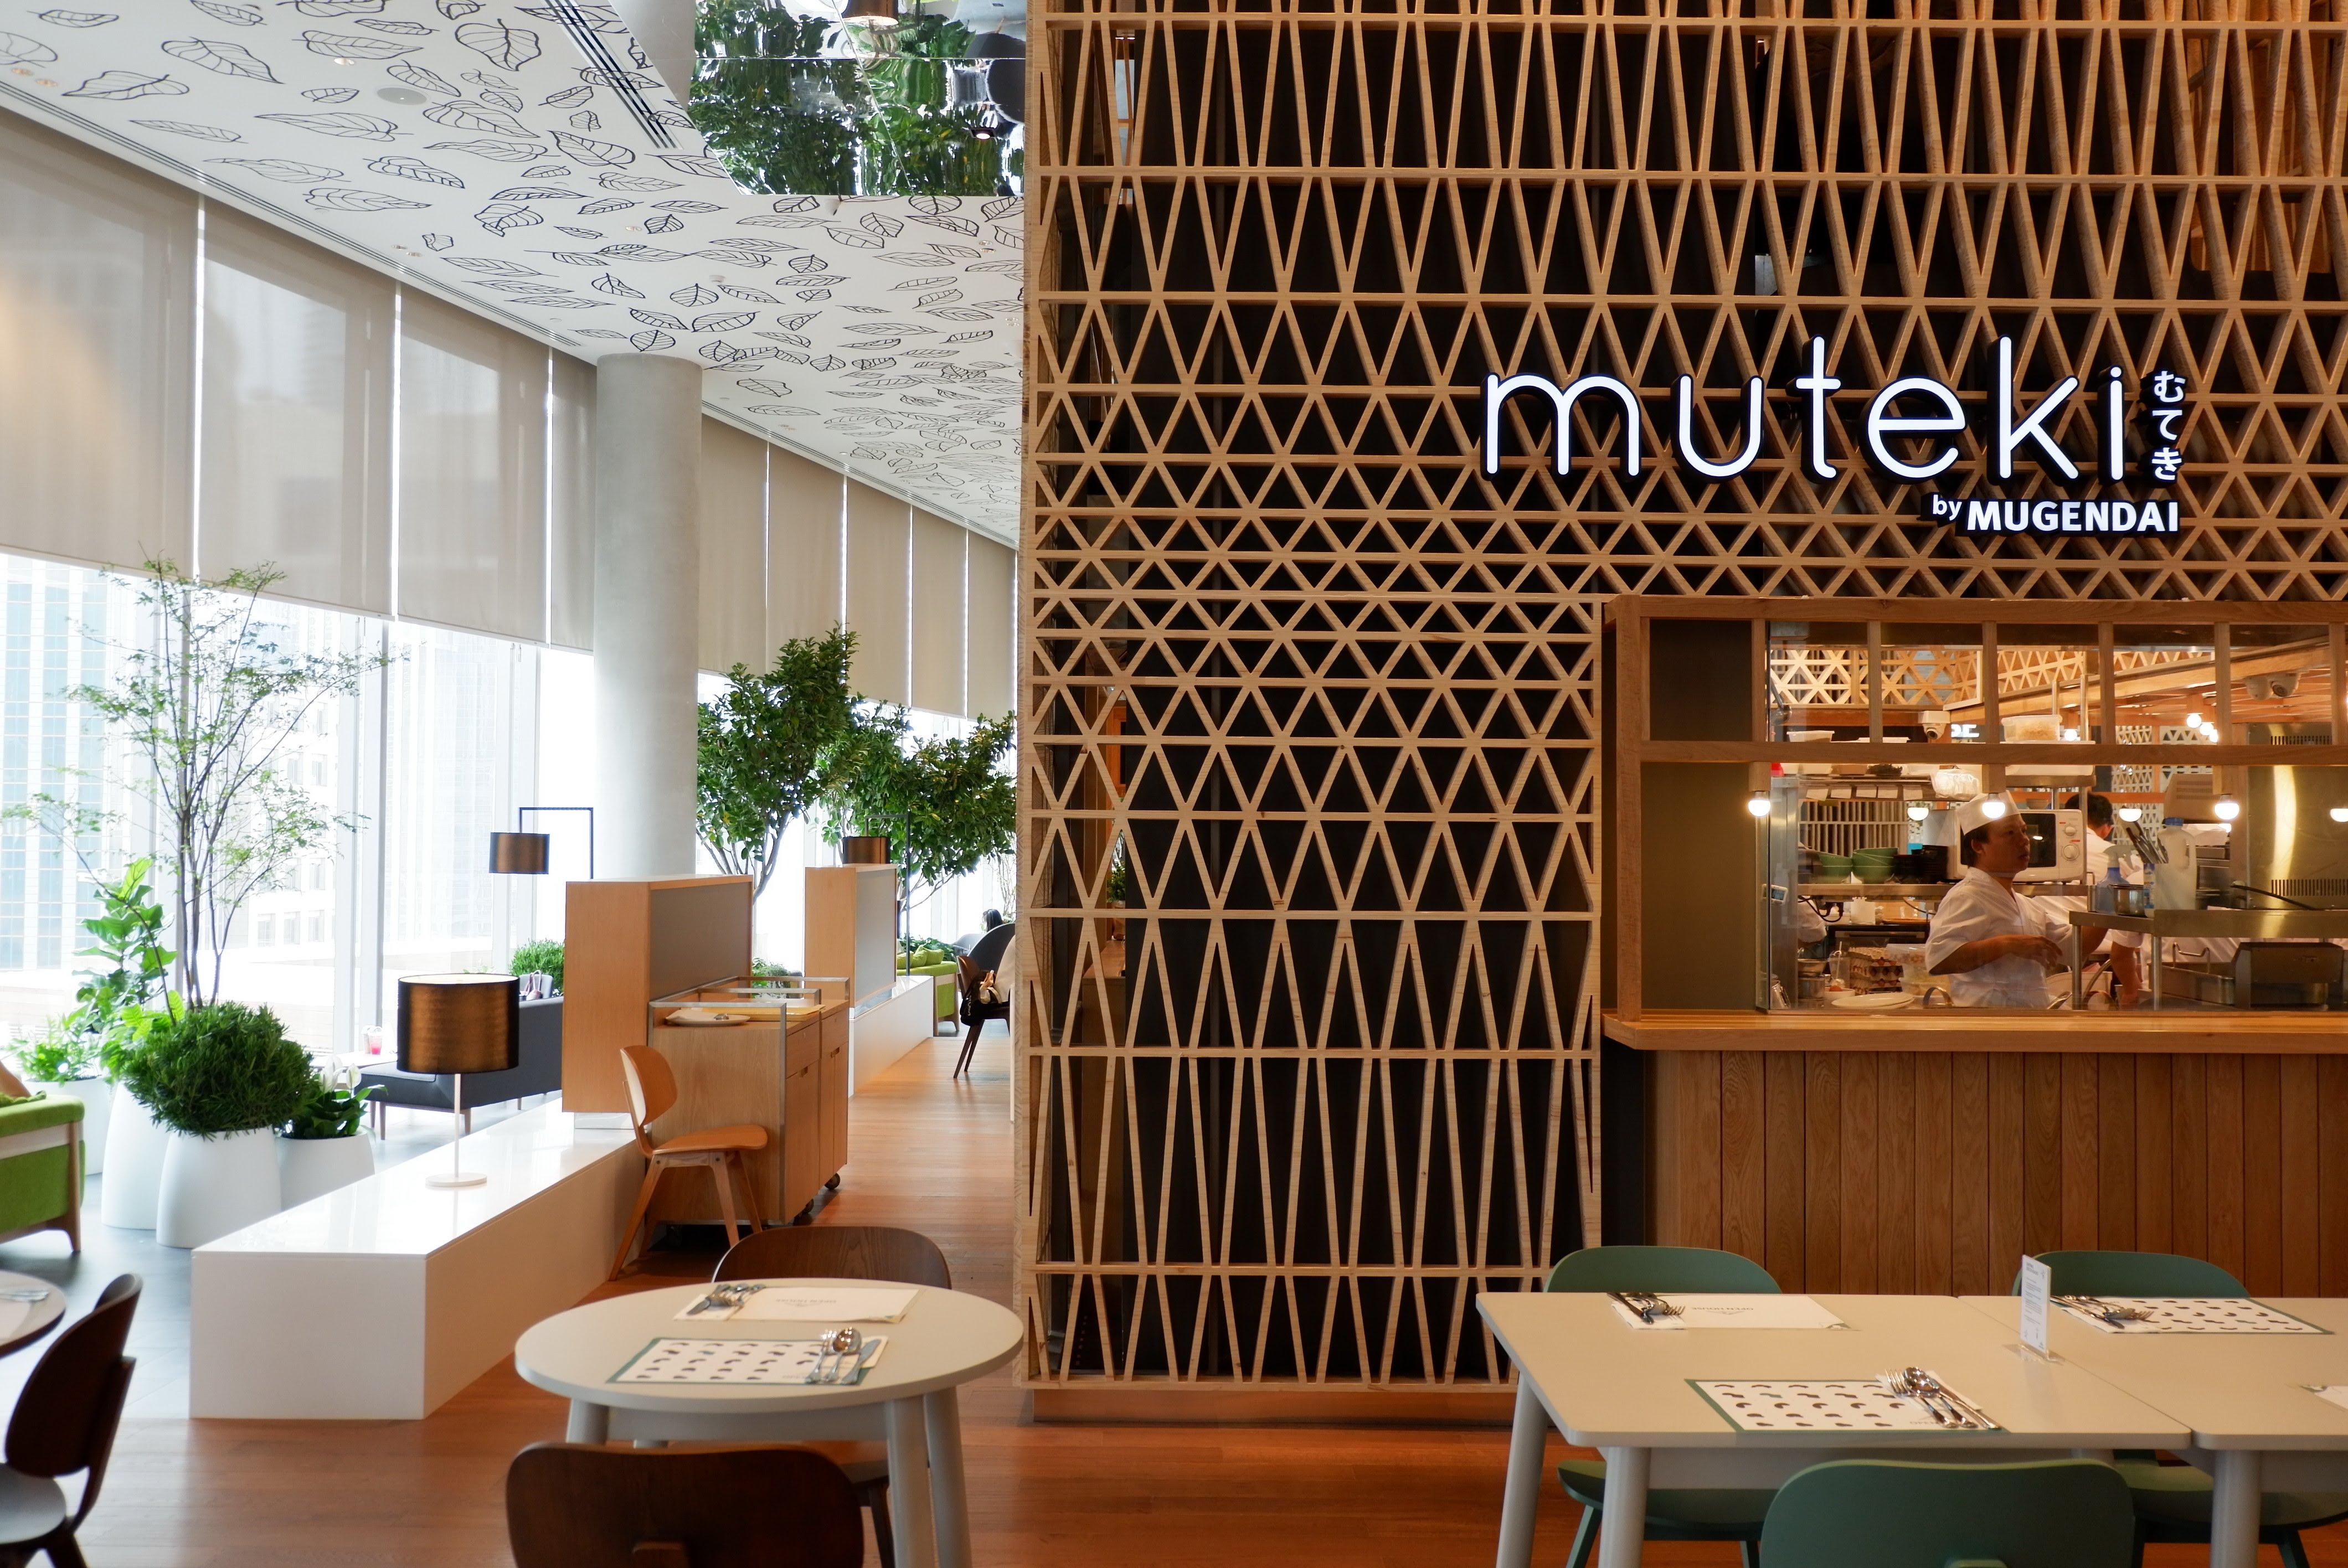 """สร้างความตื่นเต้นเป็นโซนแฮงค์เ อ้าท์แห่งใหม่ให้คนเมืองกันอีกแ ล้วสำหรับ  """"มูเทกิ บาย มูเกนได"""" (Muteki by Mugendai) ร้านอาหารญี่ปุ่นแนวใหม่สไตล์  All-day ..."""